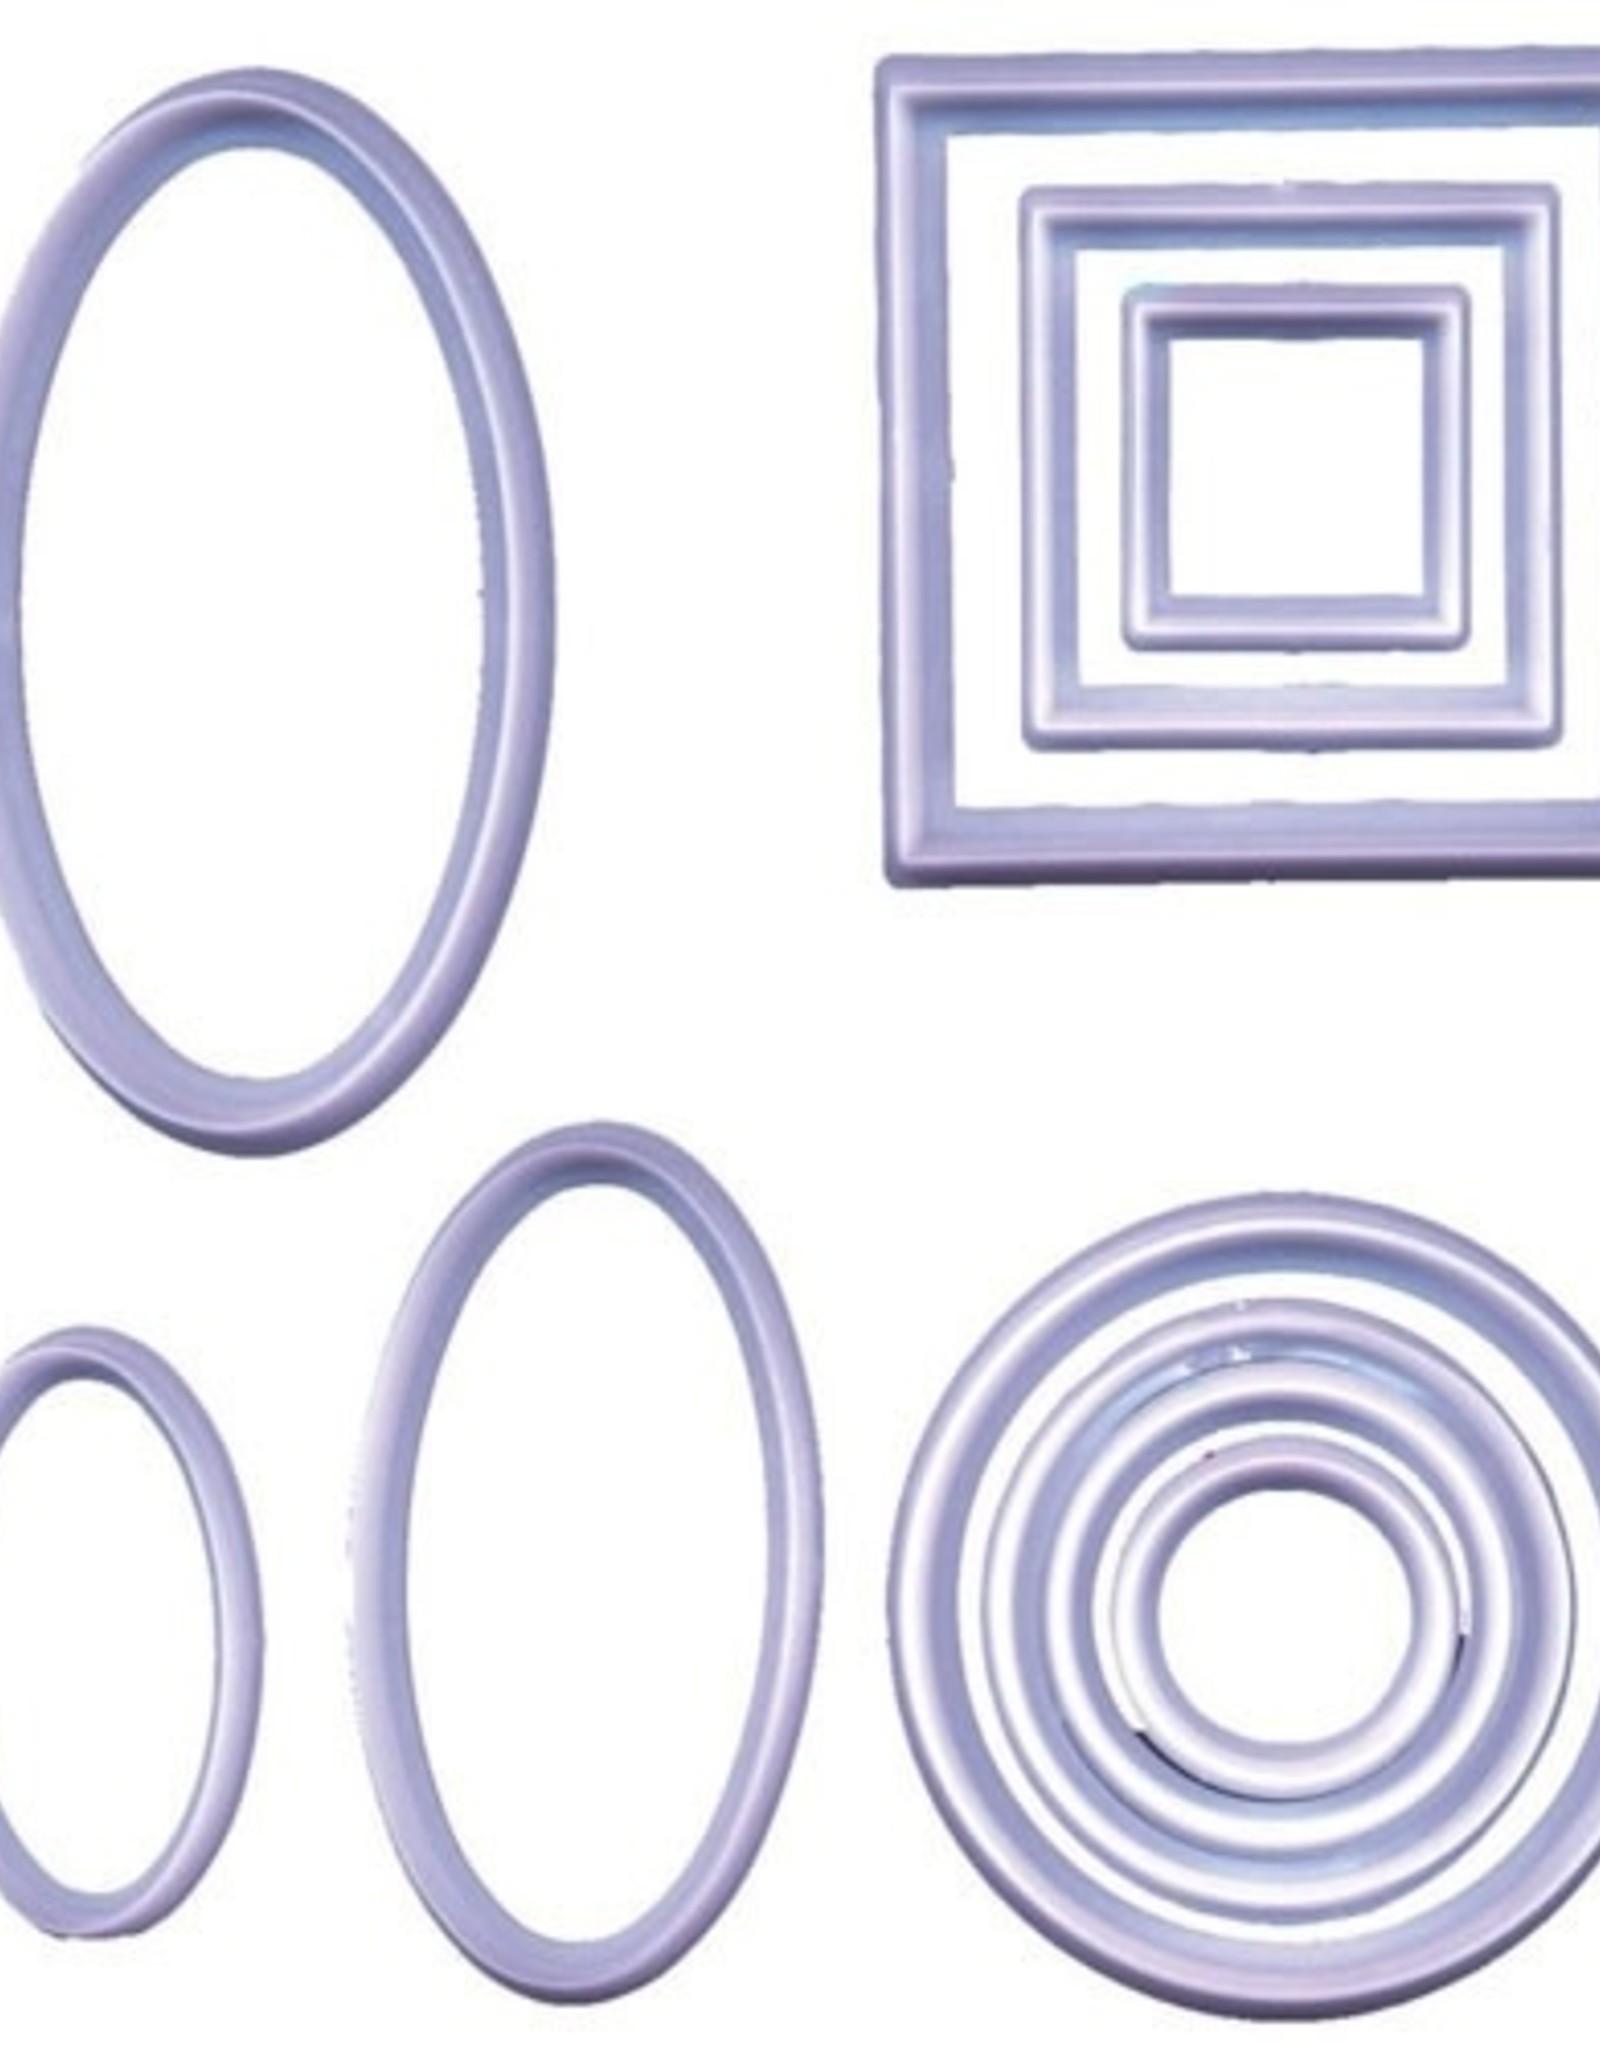 FMM FMM Geometrical cutter set/10